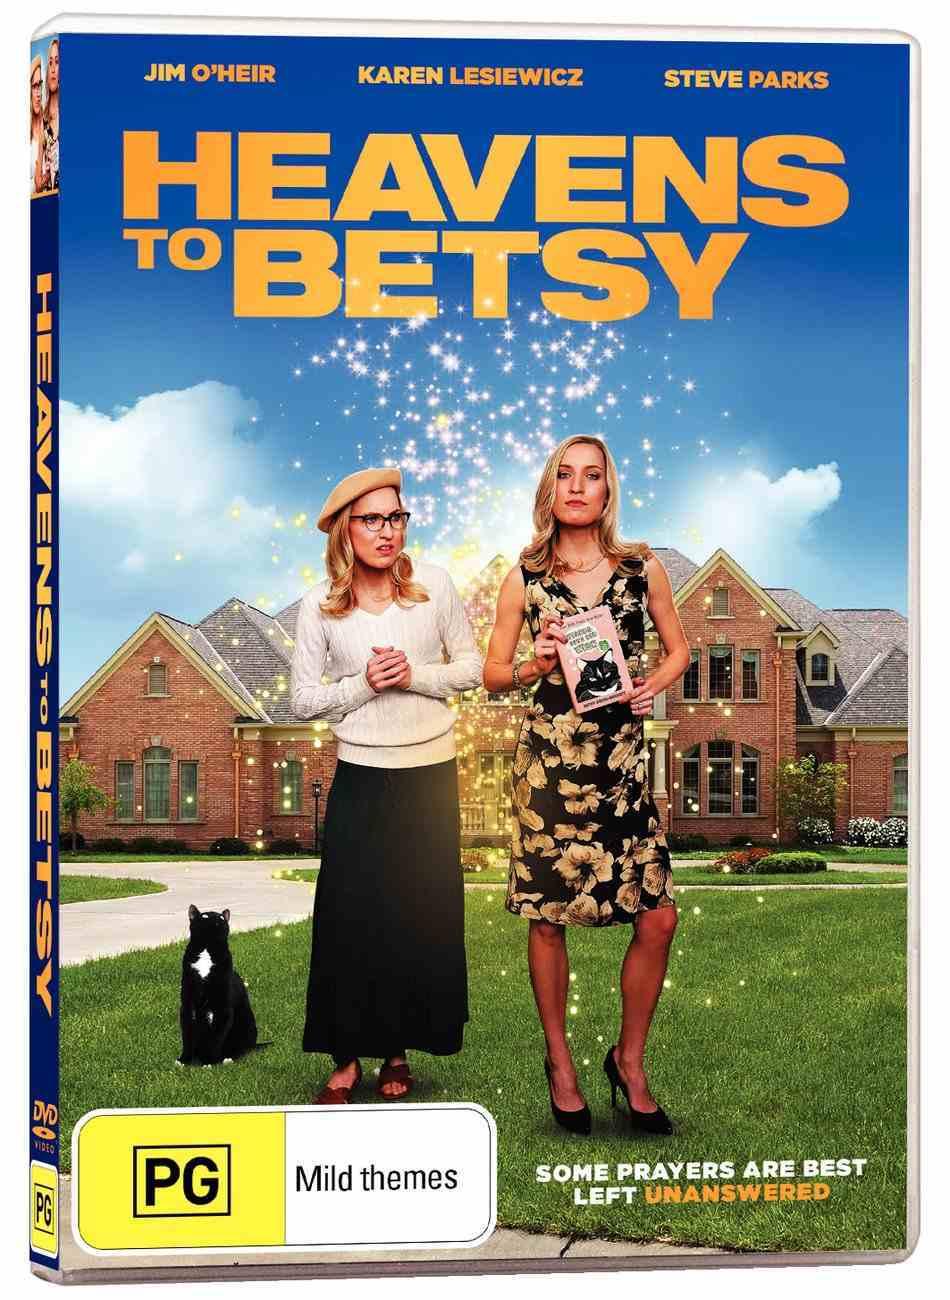 Heavens to Betsy DVD